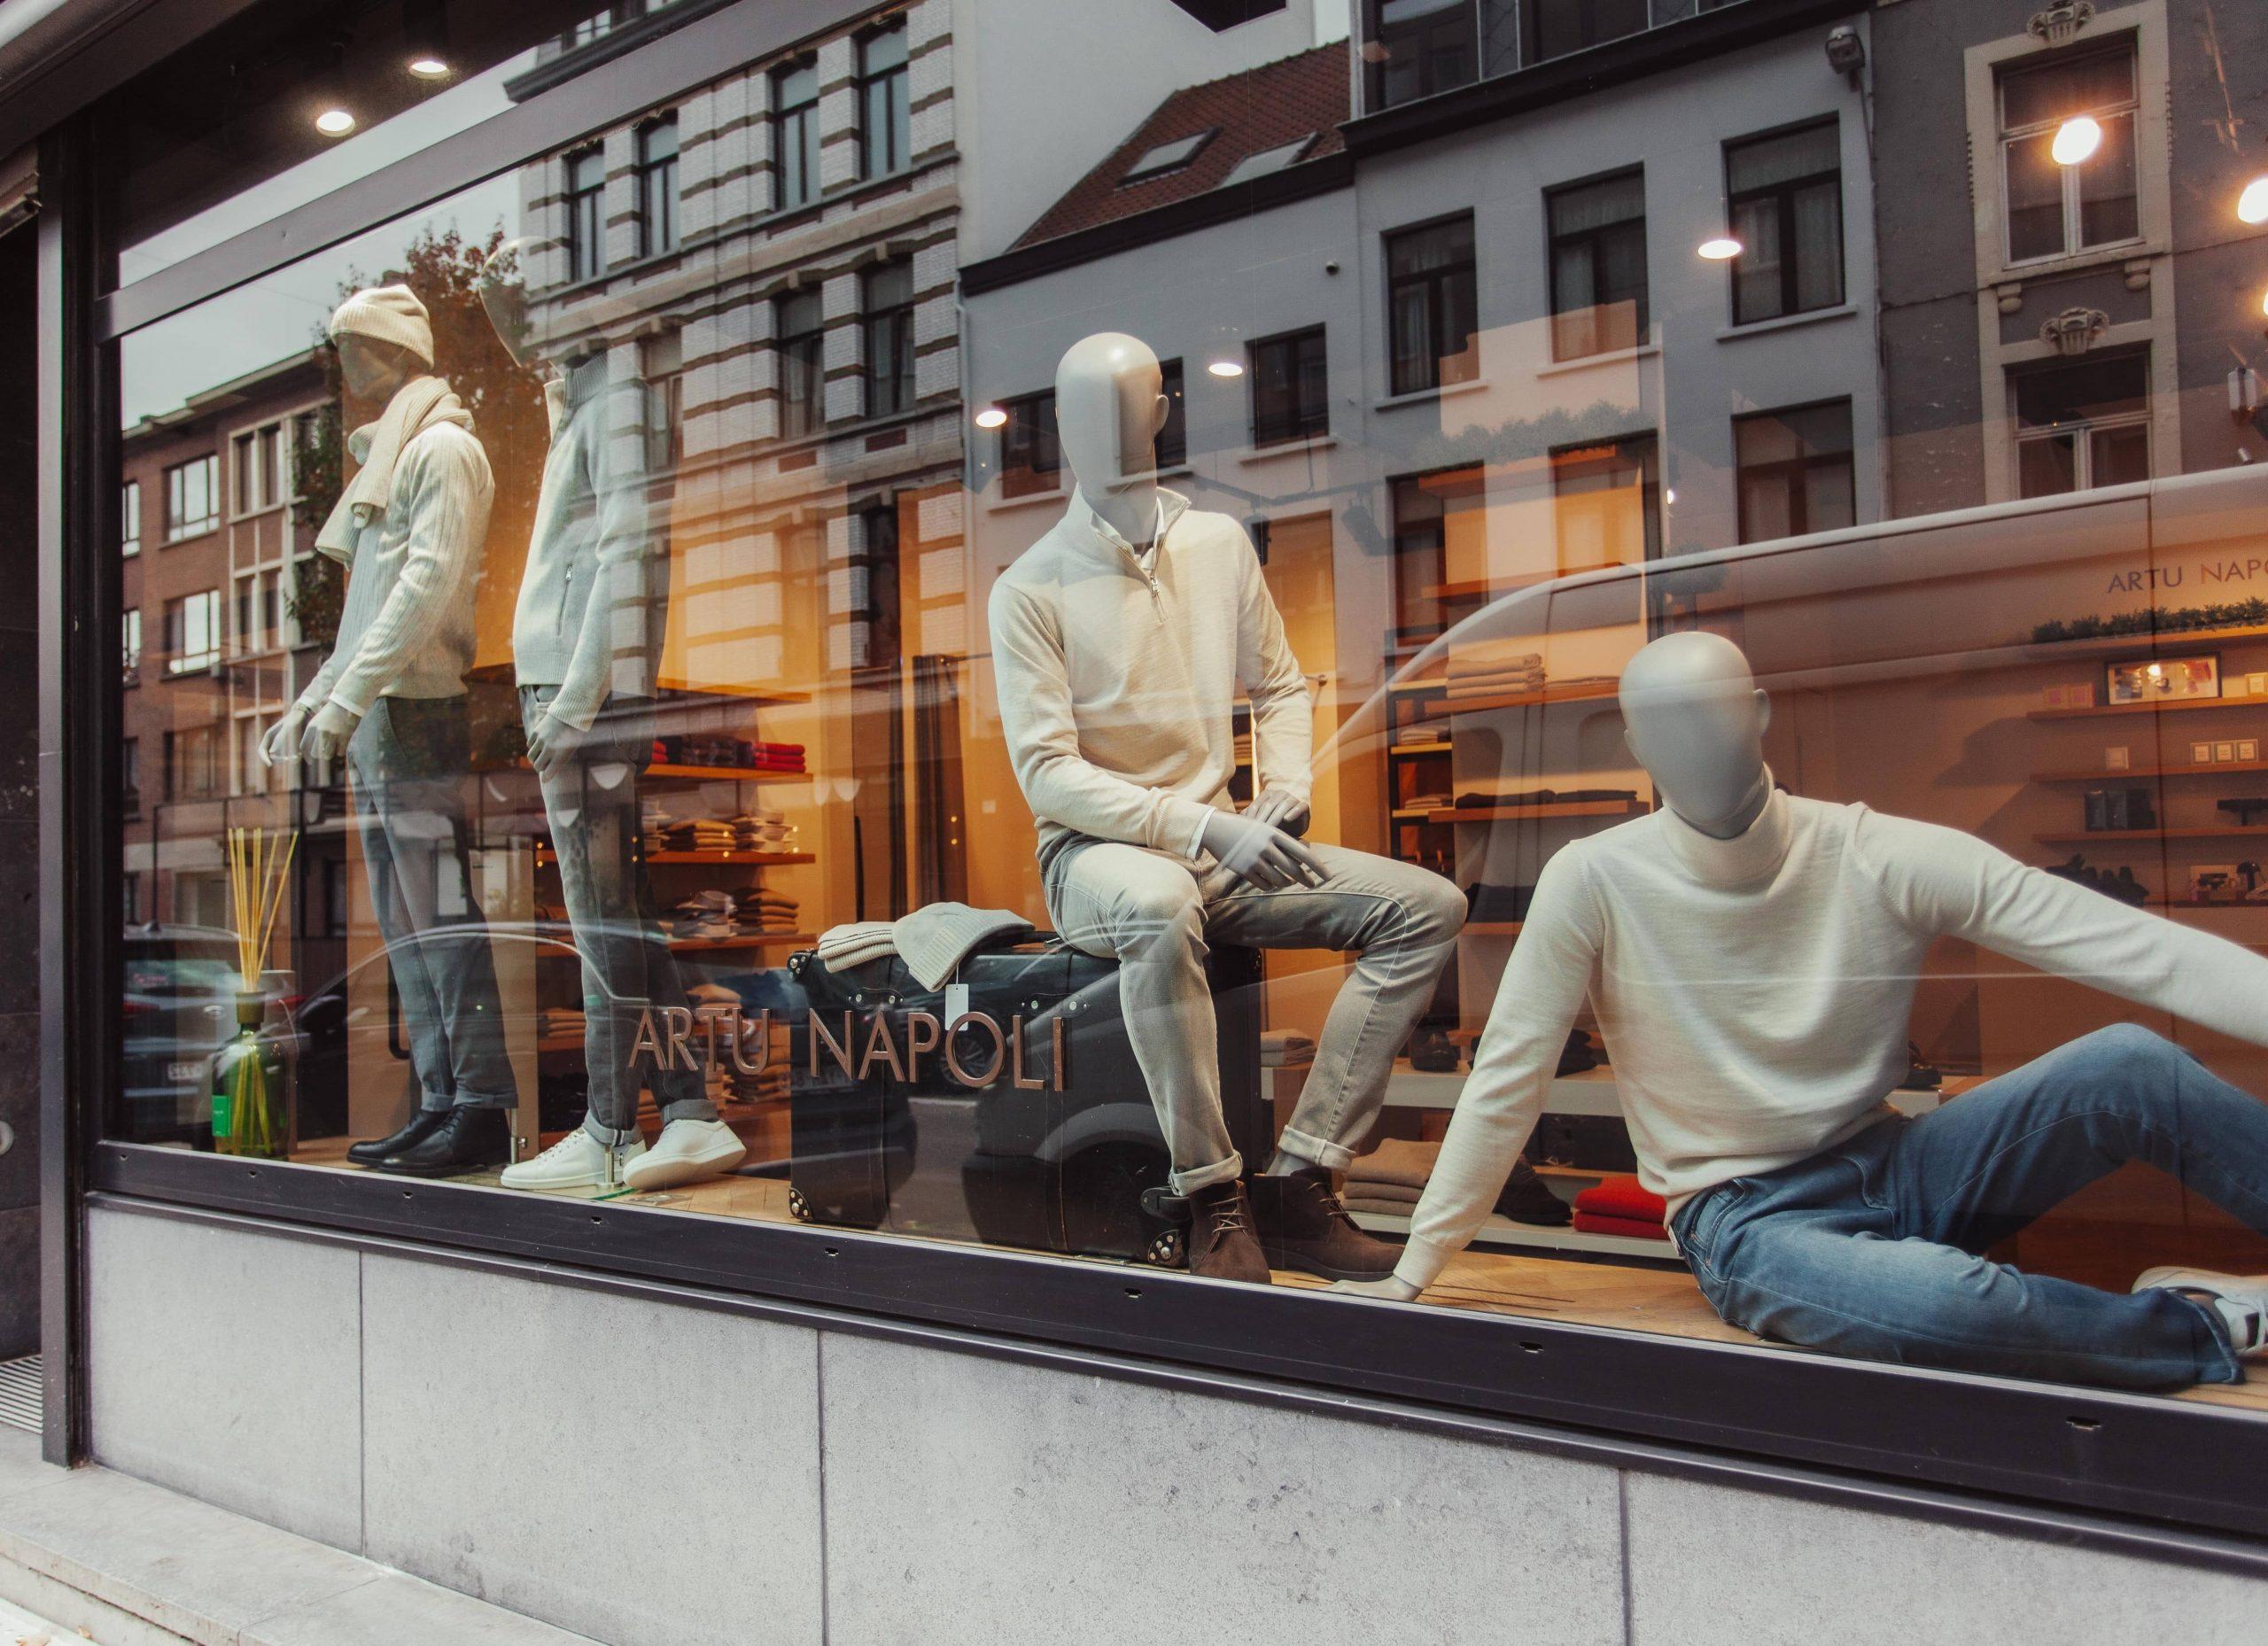 Artu Napoli Winkel Antwerpen